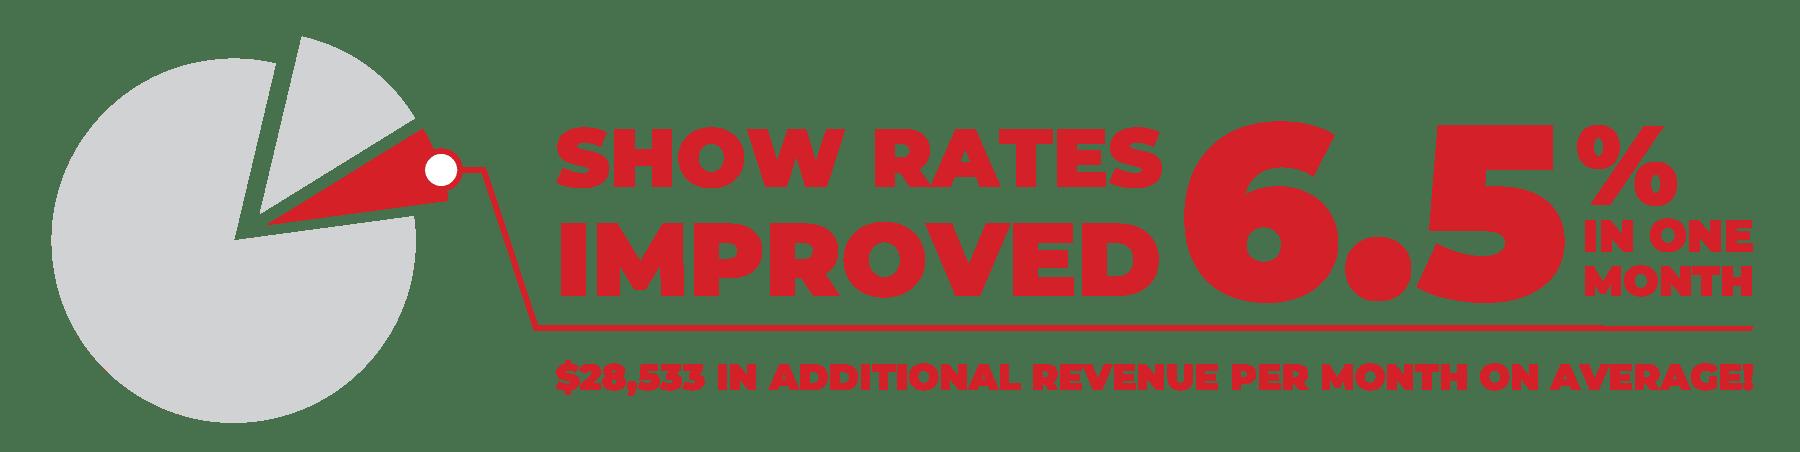 afficher les taux améliorés de 6.5% en un mois grâce aux rappels de rendez-vous de service automatisés